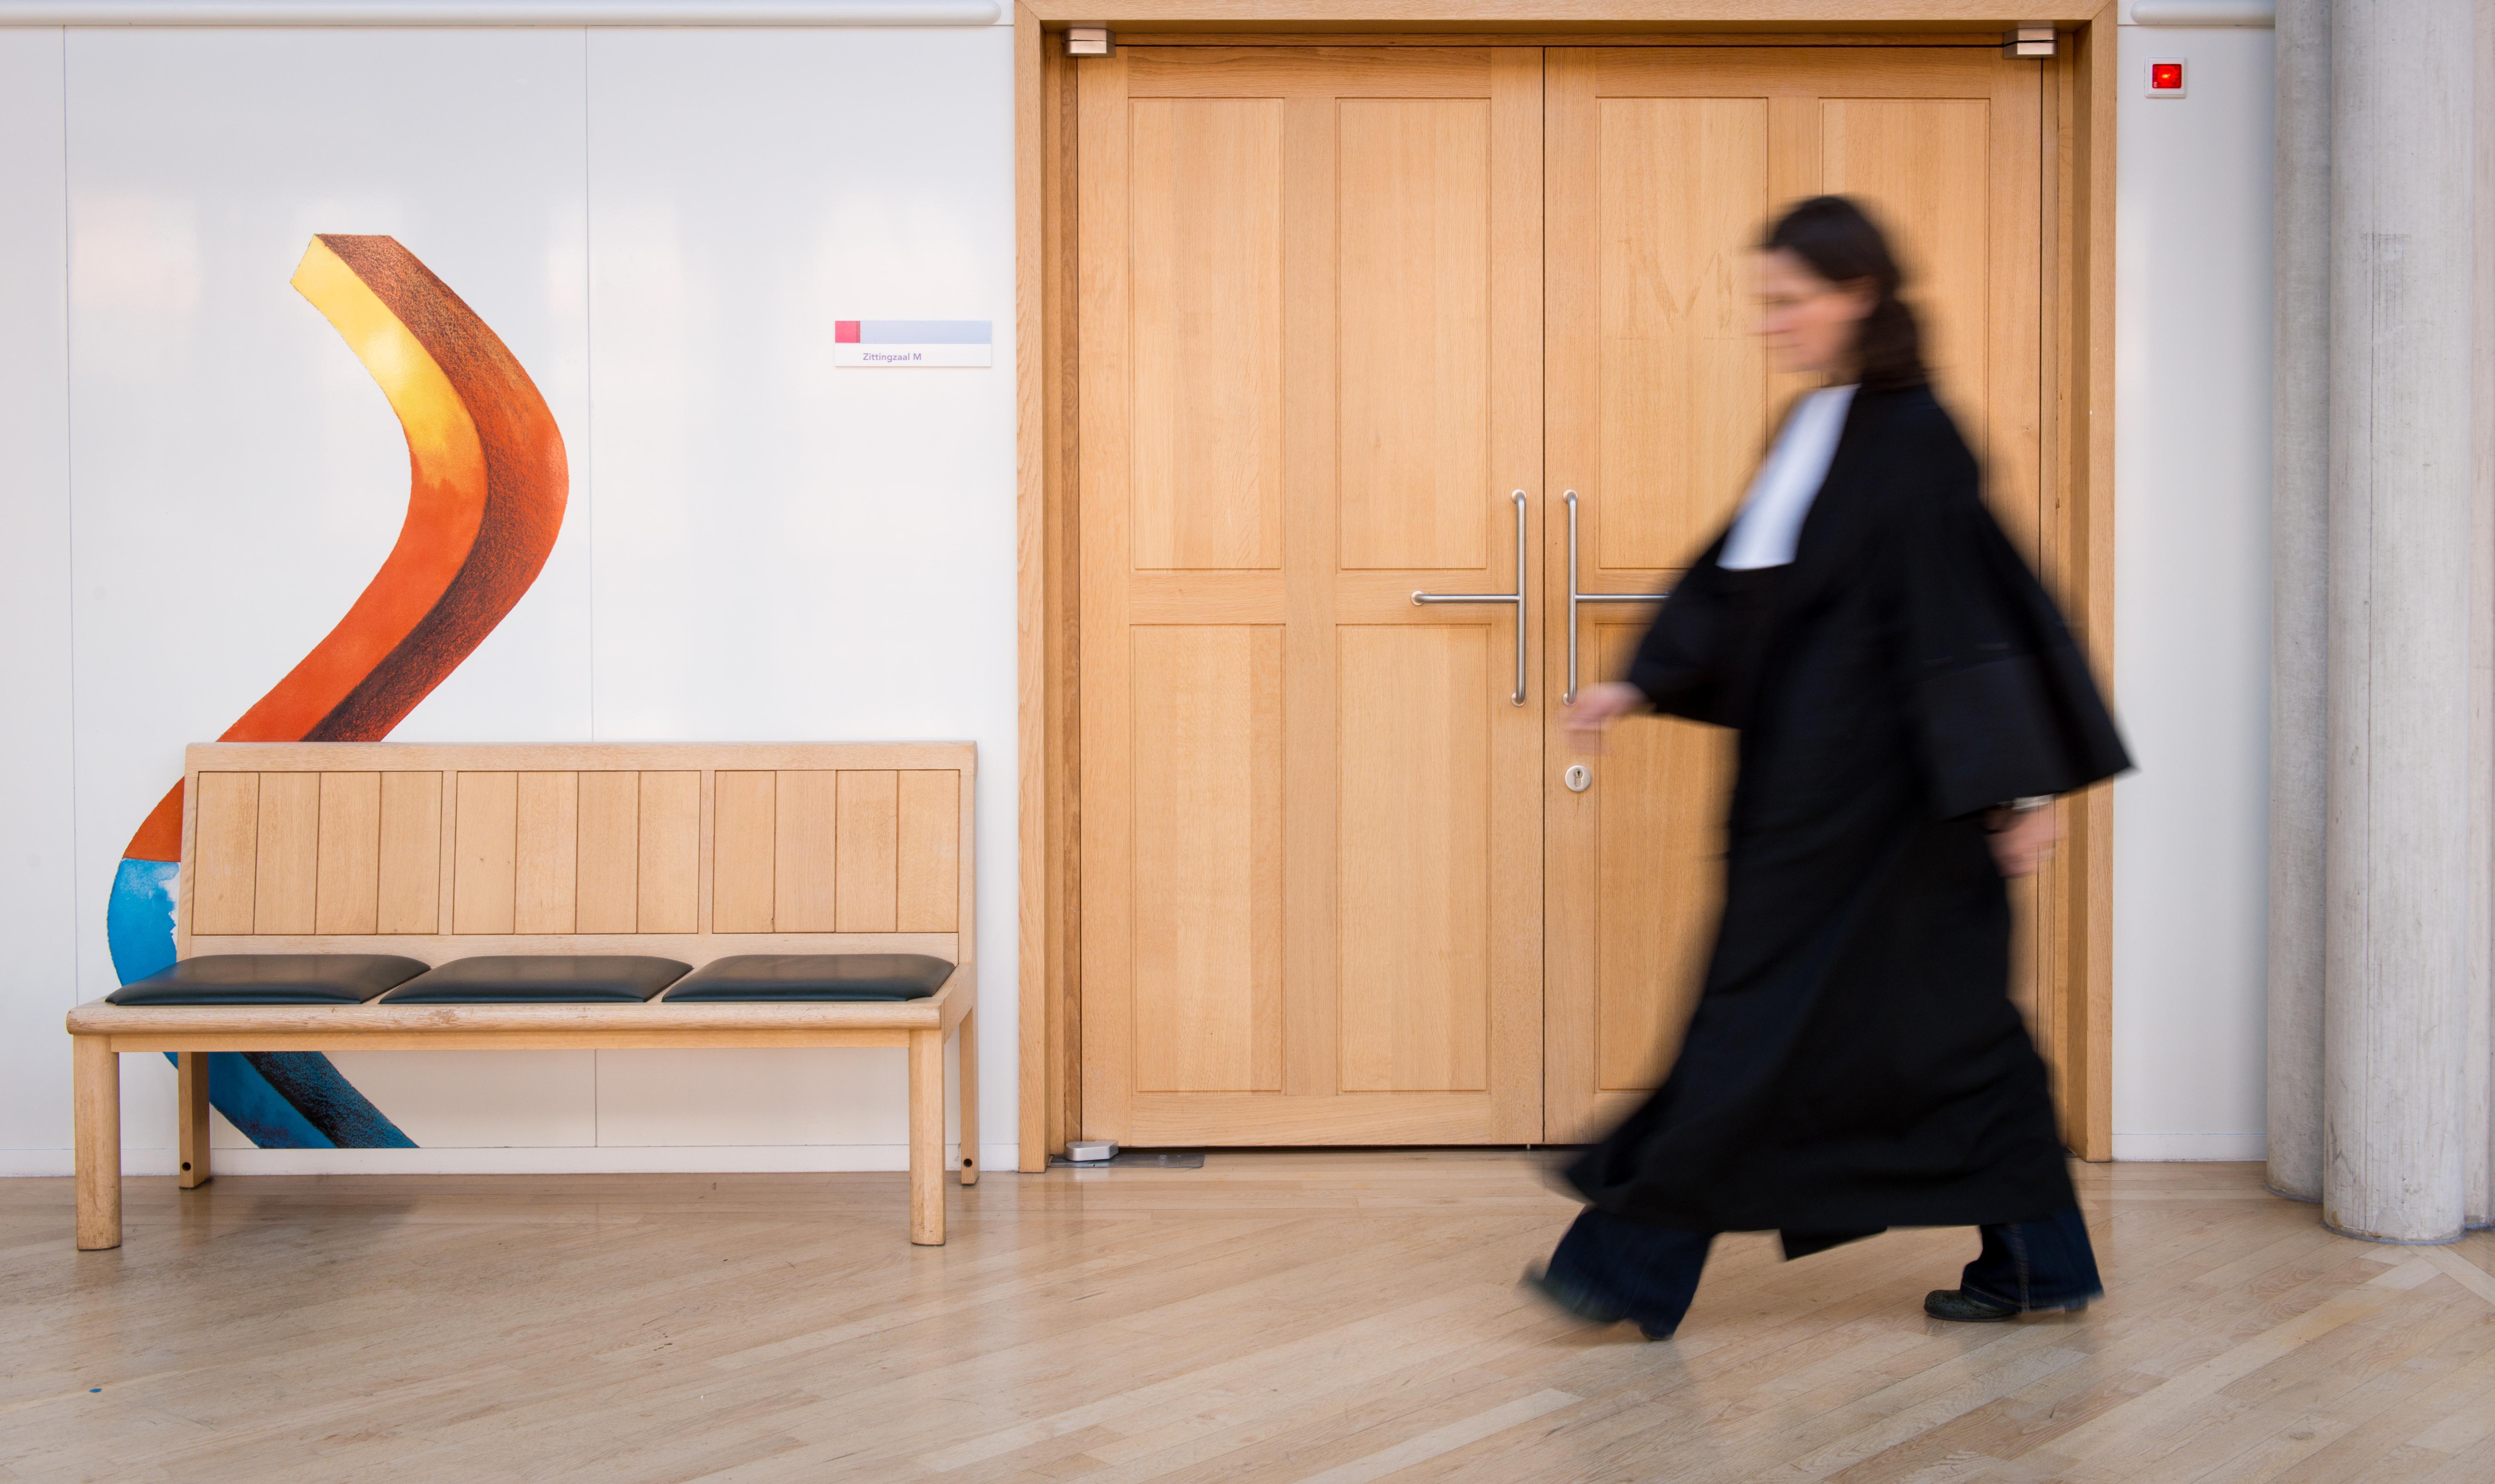 Liquidatiebende voor de rechter voor onder andere de moord op Eaneas L. in Krommenie